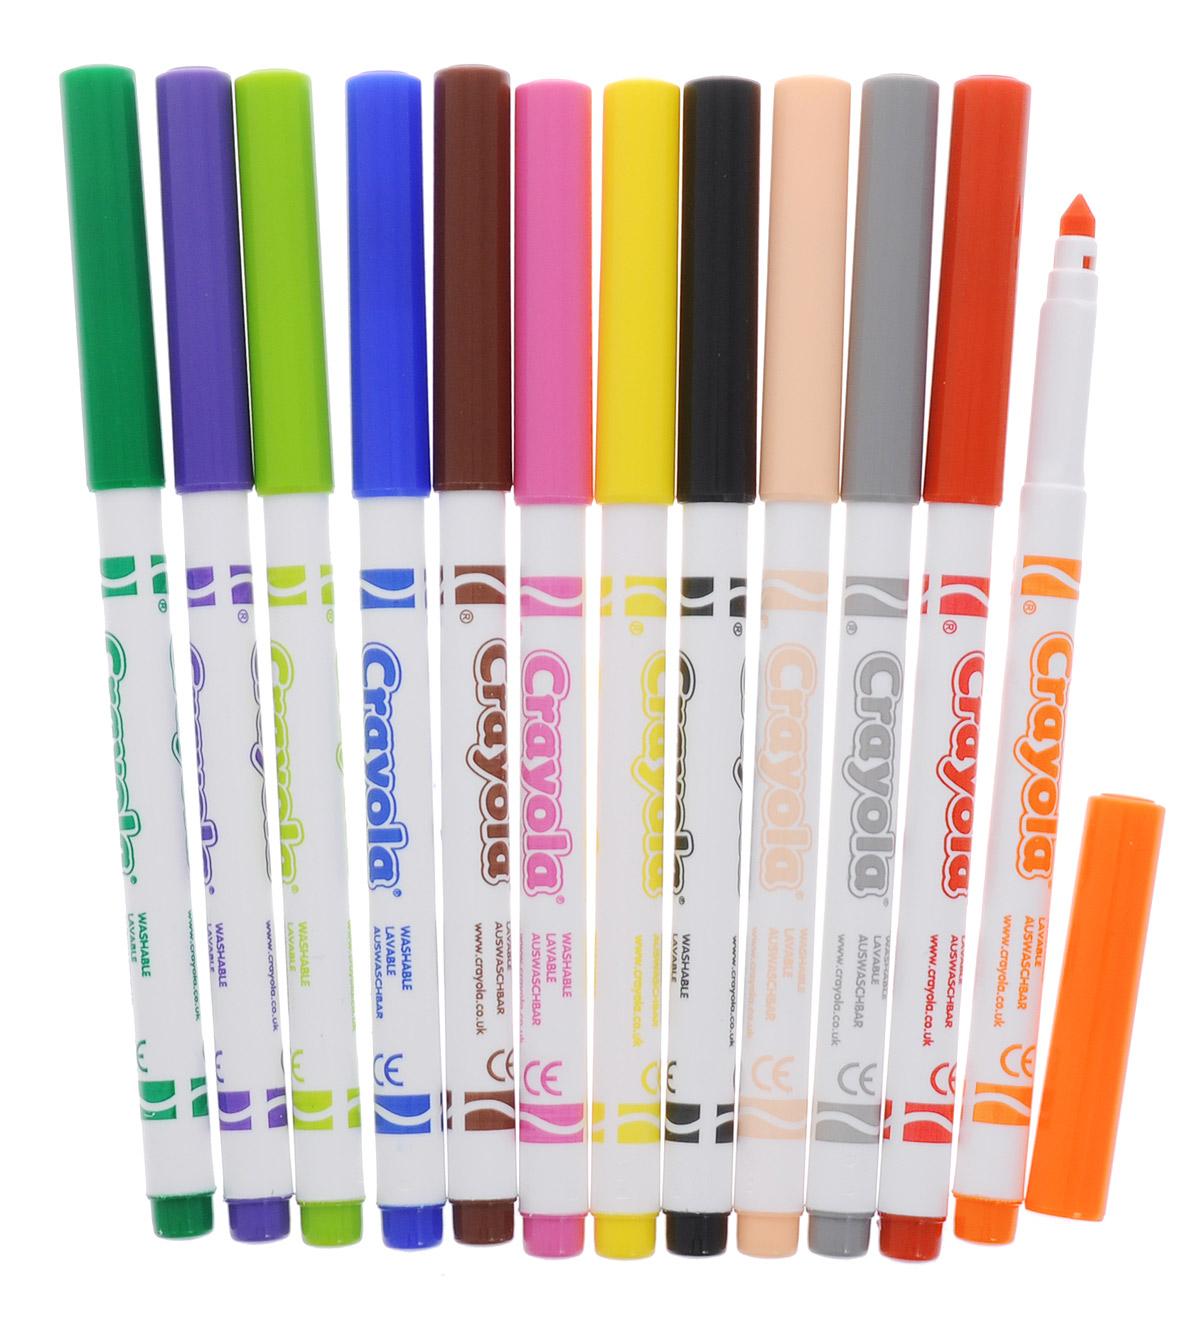 Легкость смываемых фломастеров Crayola Supertips снижает усталость при интенсивном письме и рисовании, а полученные рисунки, благодаря яркости и насыщенности чернил, долгое время не блекнут и не выцветают.Особое устройство маркеров не позволяет вдавить стержень внутрь, при этом фибровый наконечник не скрипит и не ломается. Изготовлены фломастеры из экологически чистых материалов, соответствующих Европейским нормам безопасности.Созданные на основе растительных красителей, фломастеры Crayola легко смываются как с рук, так и с одежды ребёнка. Удобная форма и яркие насыщенные цвета являются ещё одним неоспоримым преимуществом этих чудесных фломастеров. Создавая новые шедевры на листе бумаге или ваших любимых обоях, малыш совершенствует творческие навыки, оттачивая мастерство мелкой моторики рук. Не нужно бояться разукрашенных стен, ведь превосходный рисунок вашего чада легко отмыть обычной водой!